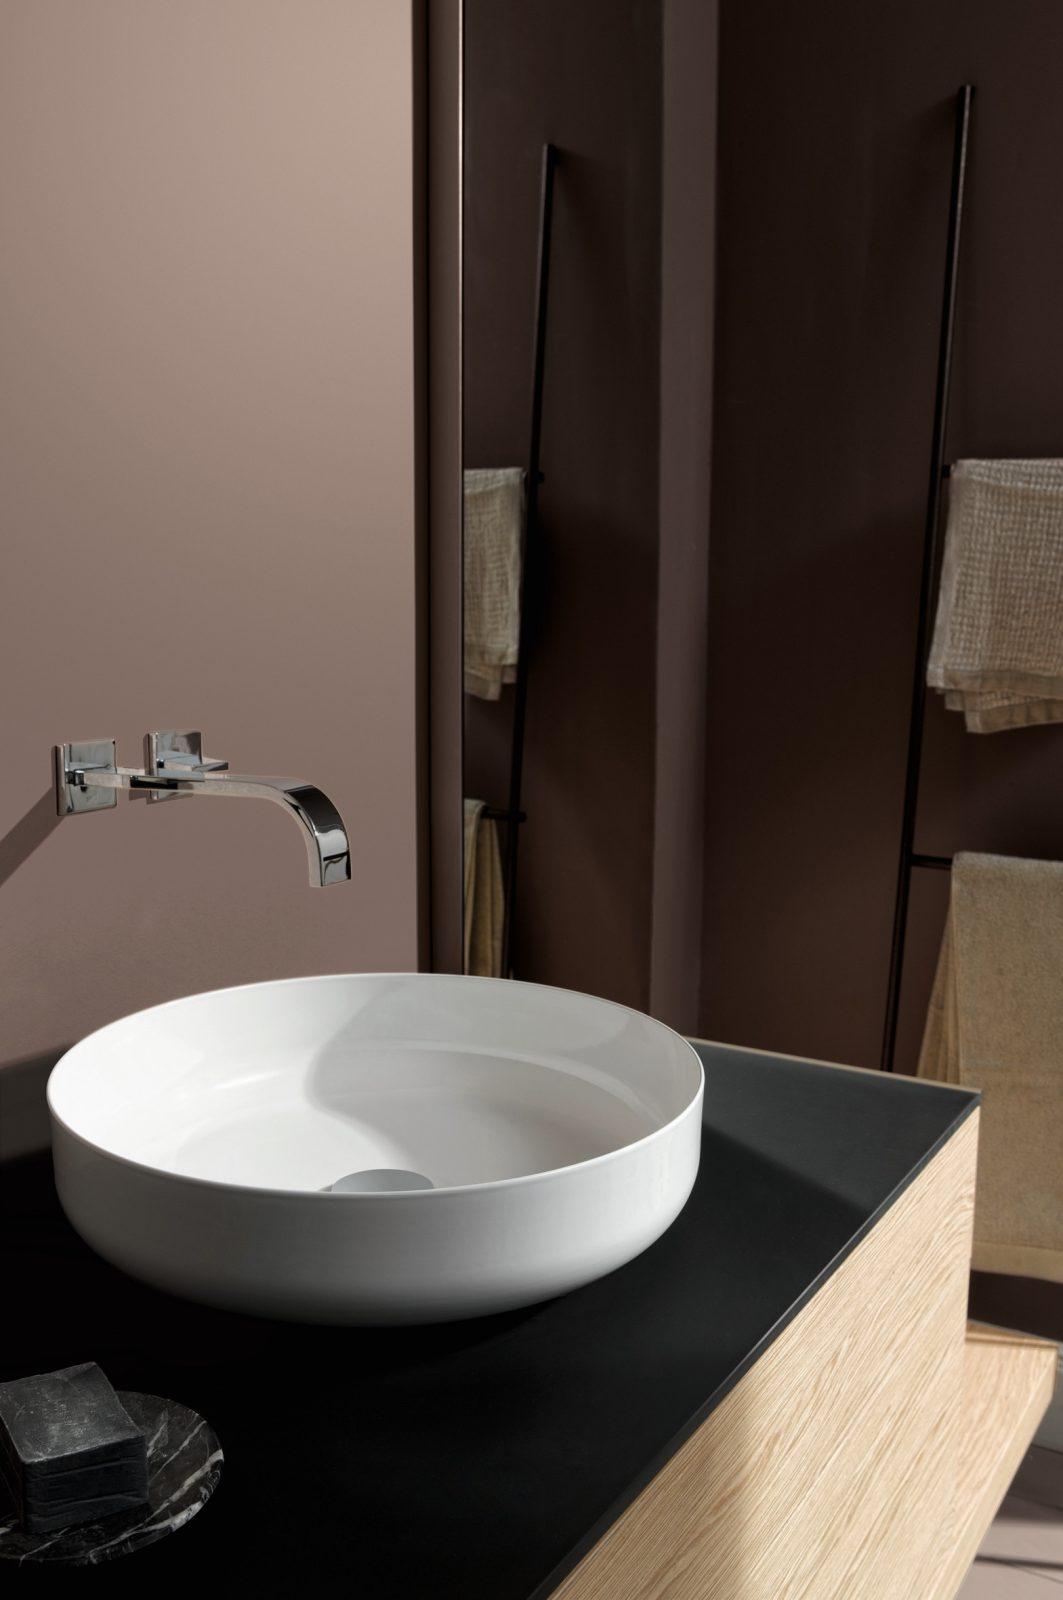 Vasques Poser Dans La Salle De Bains Fiche Produit Salledebainsfr